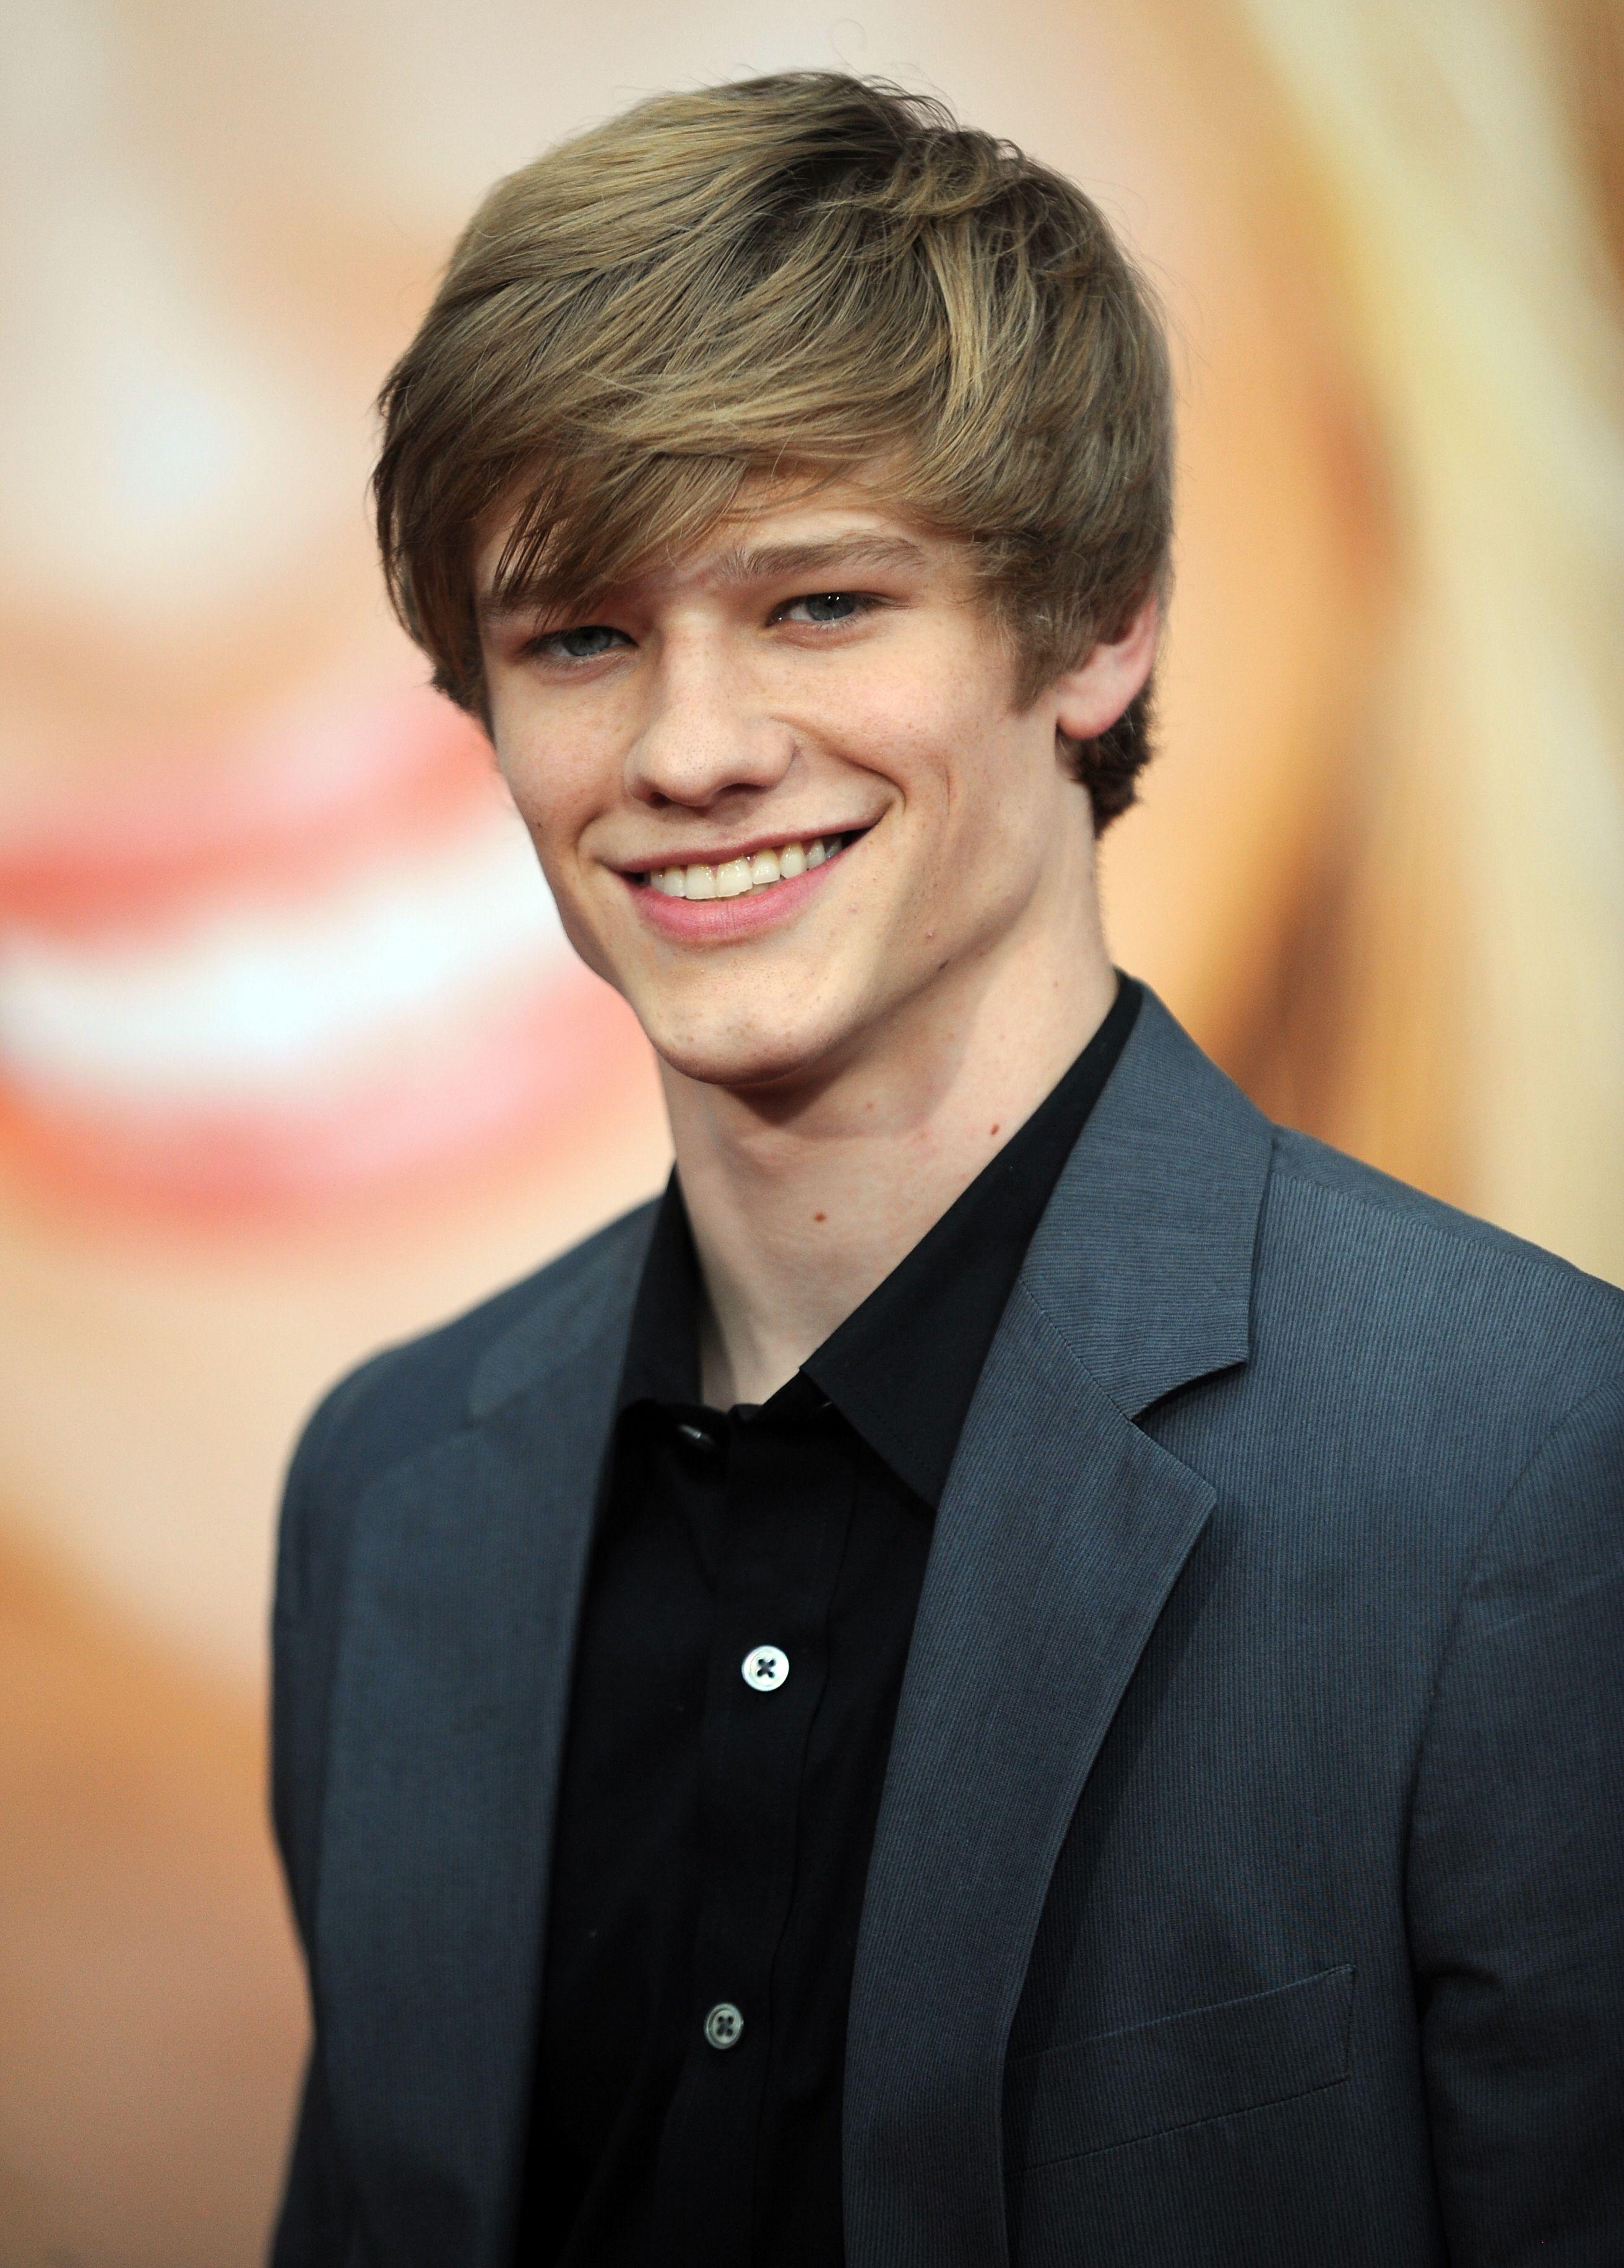 CBS Casts X-Men's Lucas Till as the New MacGyver | Den of Geek